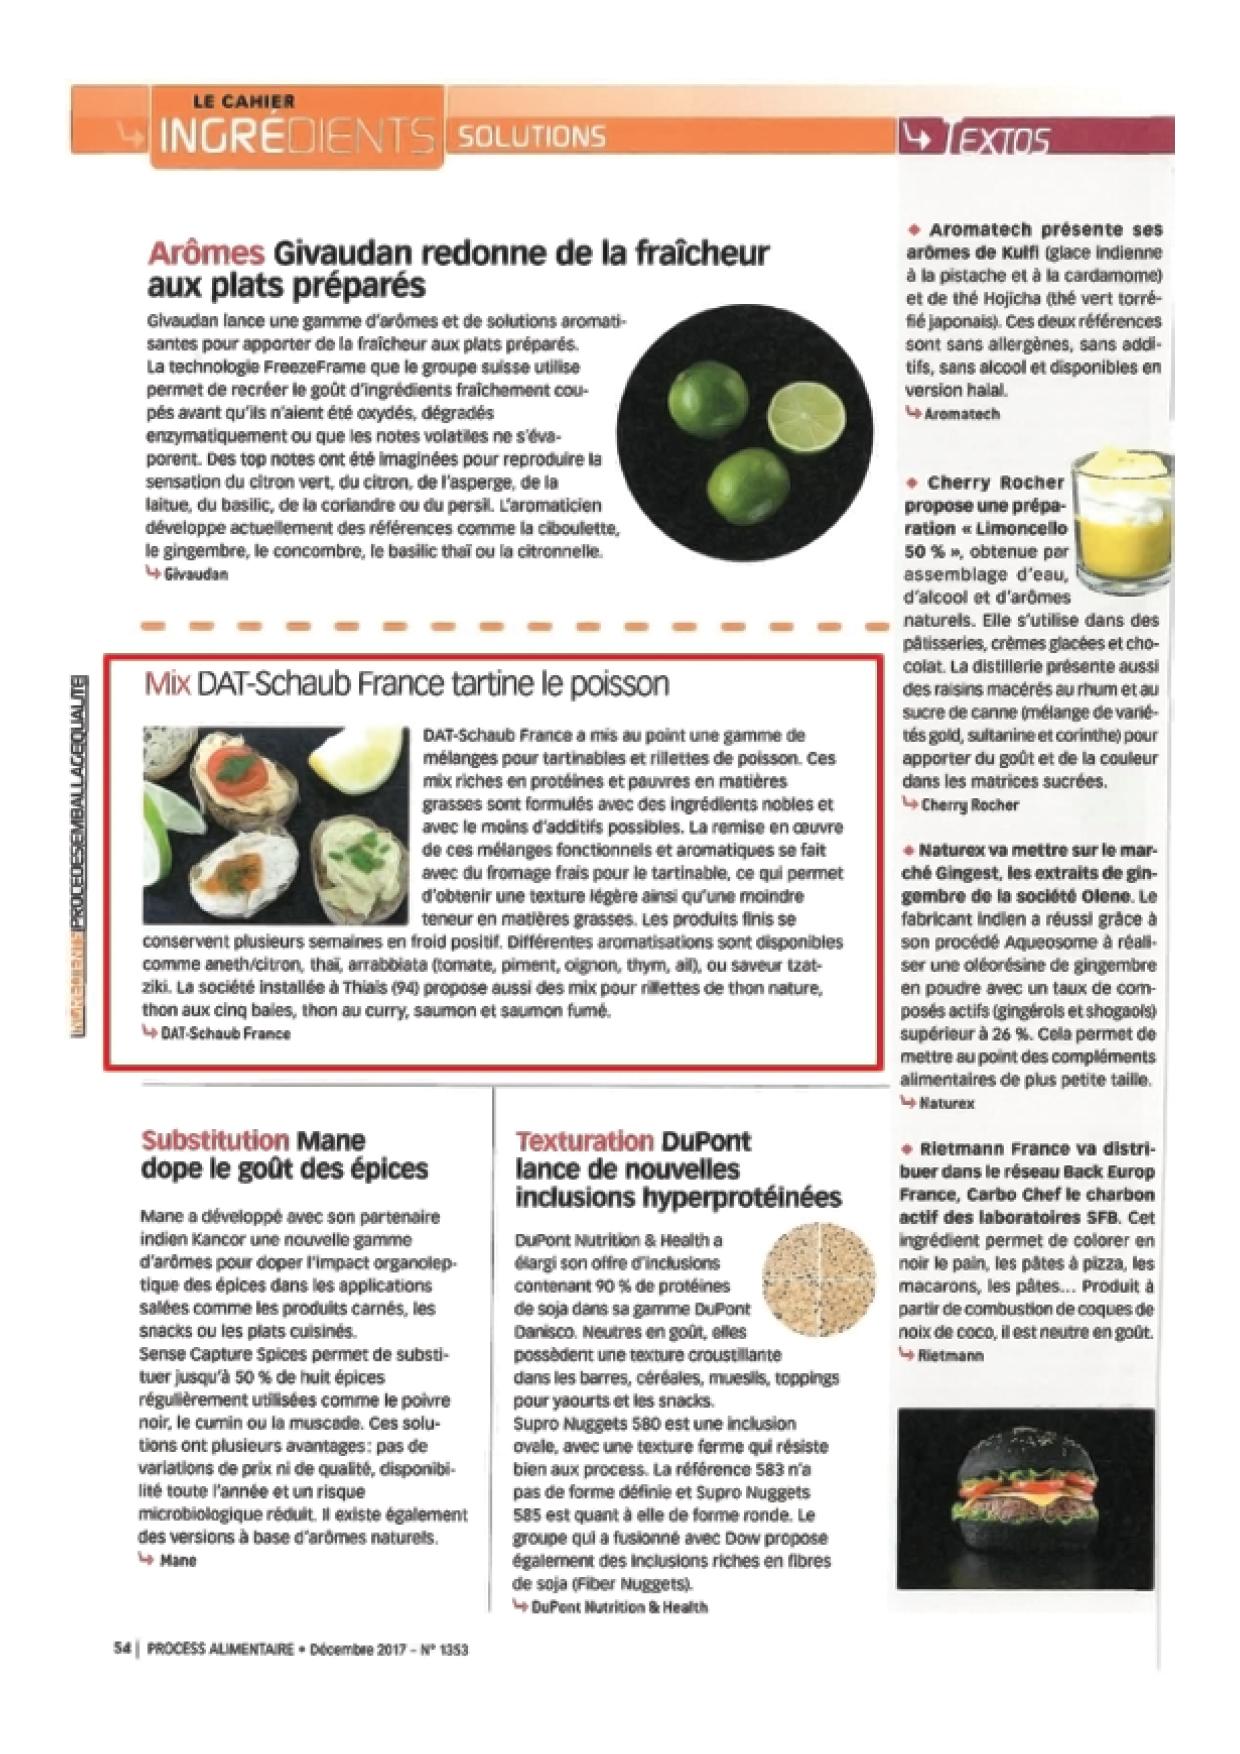 Article dans PROCESS N°1353 - Décembre 2017 - Mix DAT-Schaub France tartine le poisson2